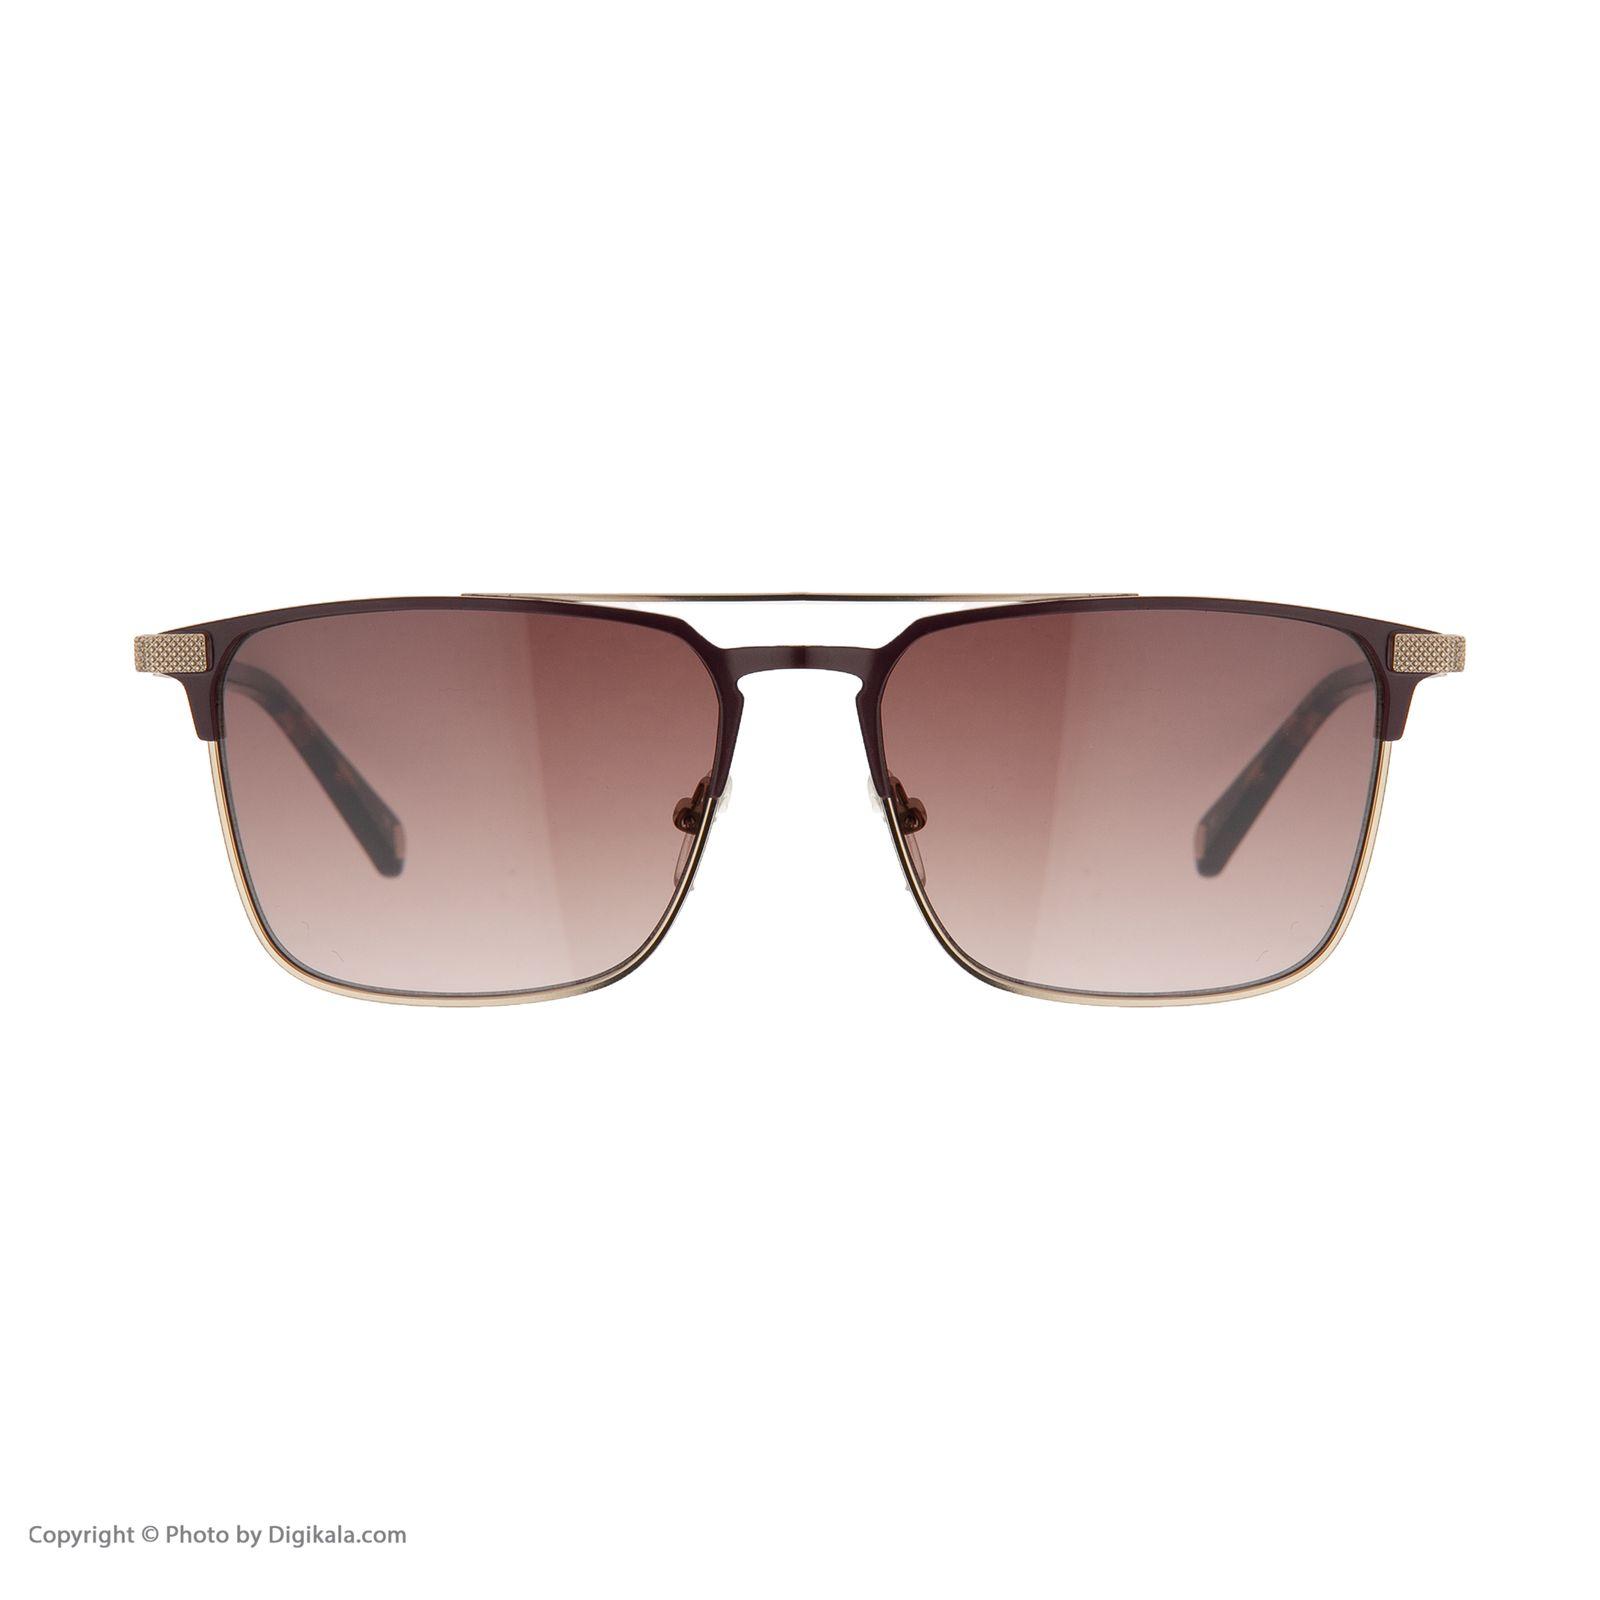 عینک آفتابی زنانه تد بیکر مدل TB 1485 204 -  - 1